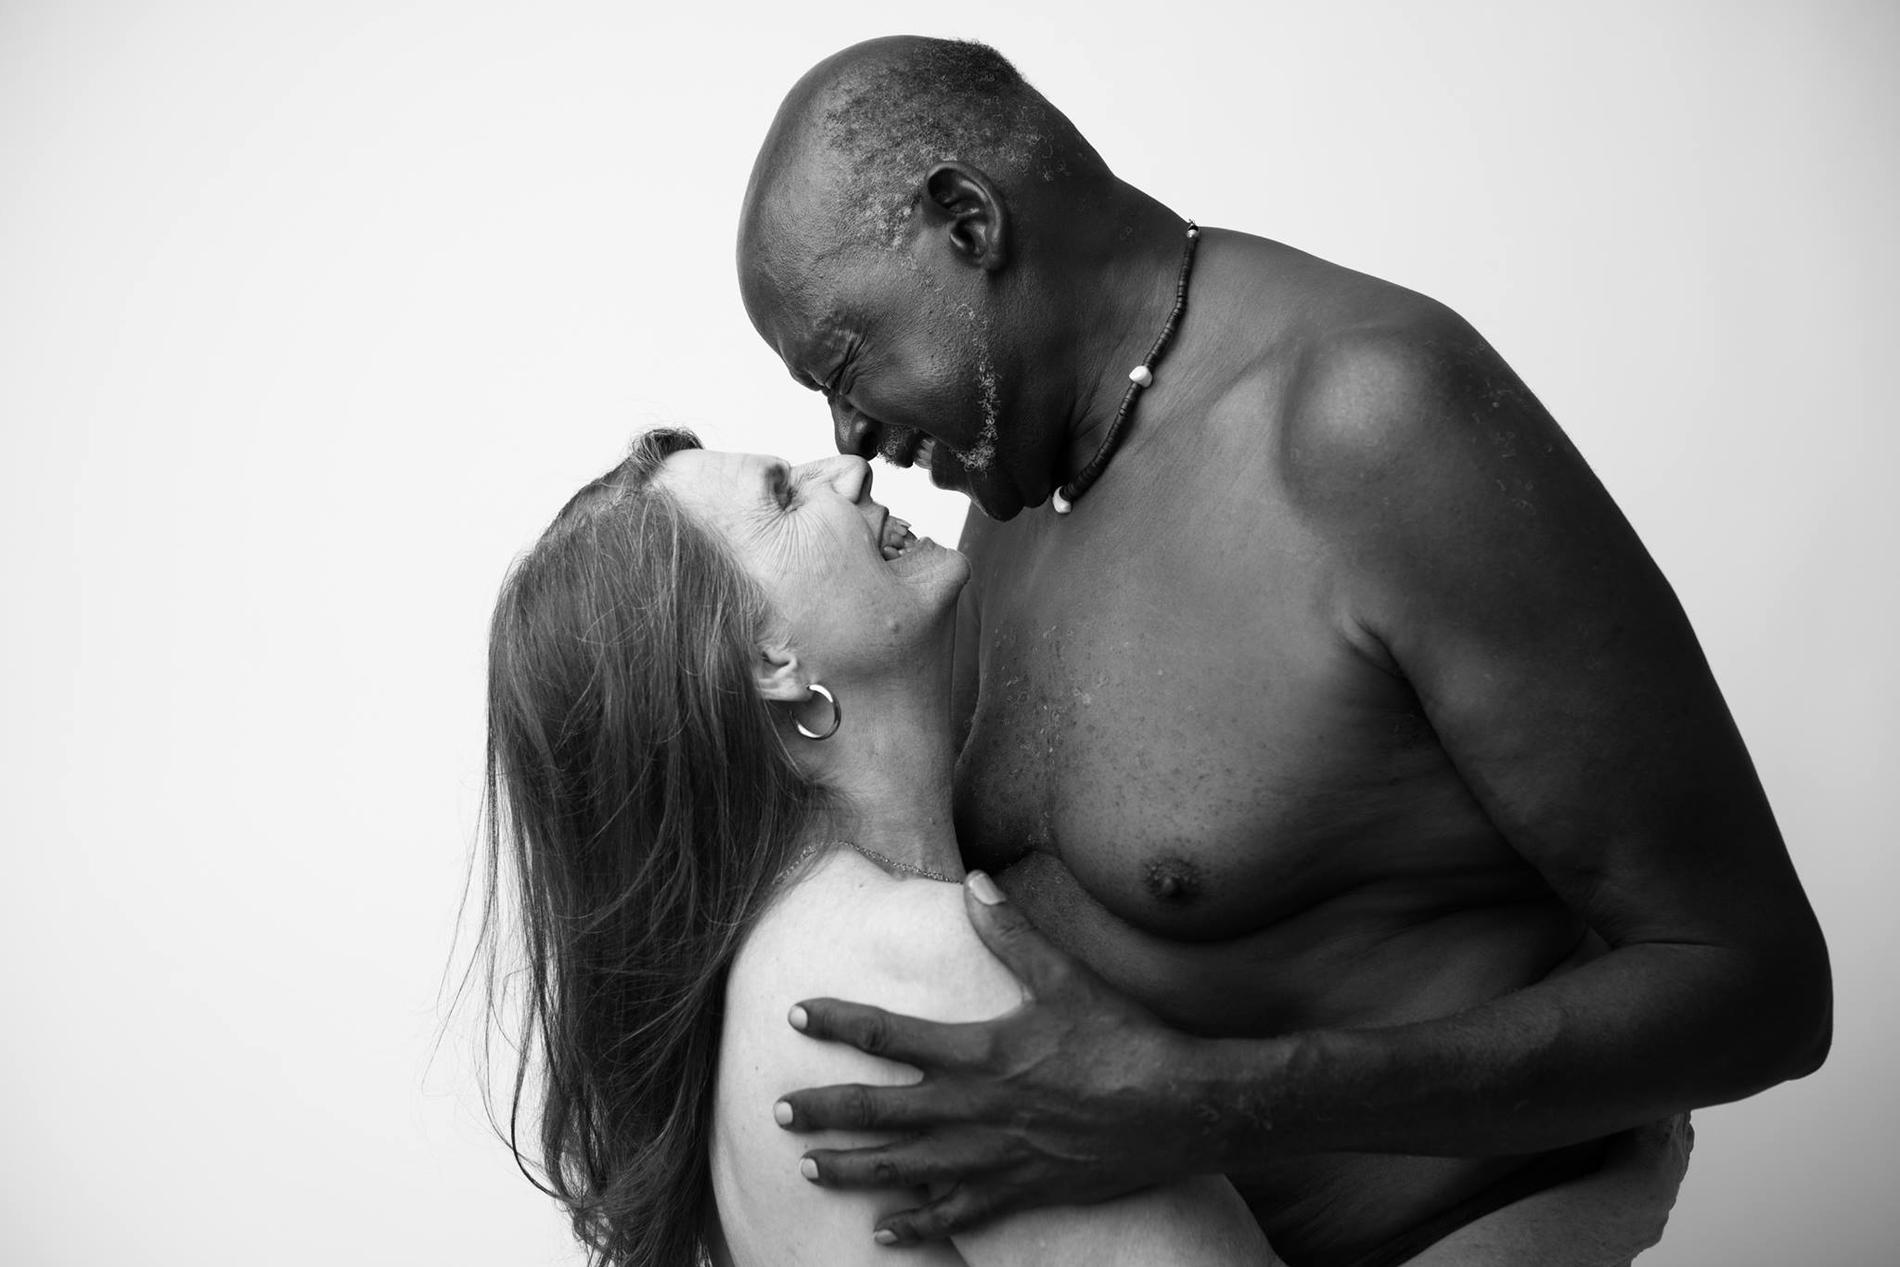 de des moi montrer photo sex